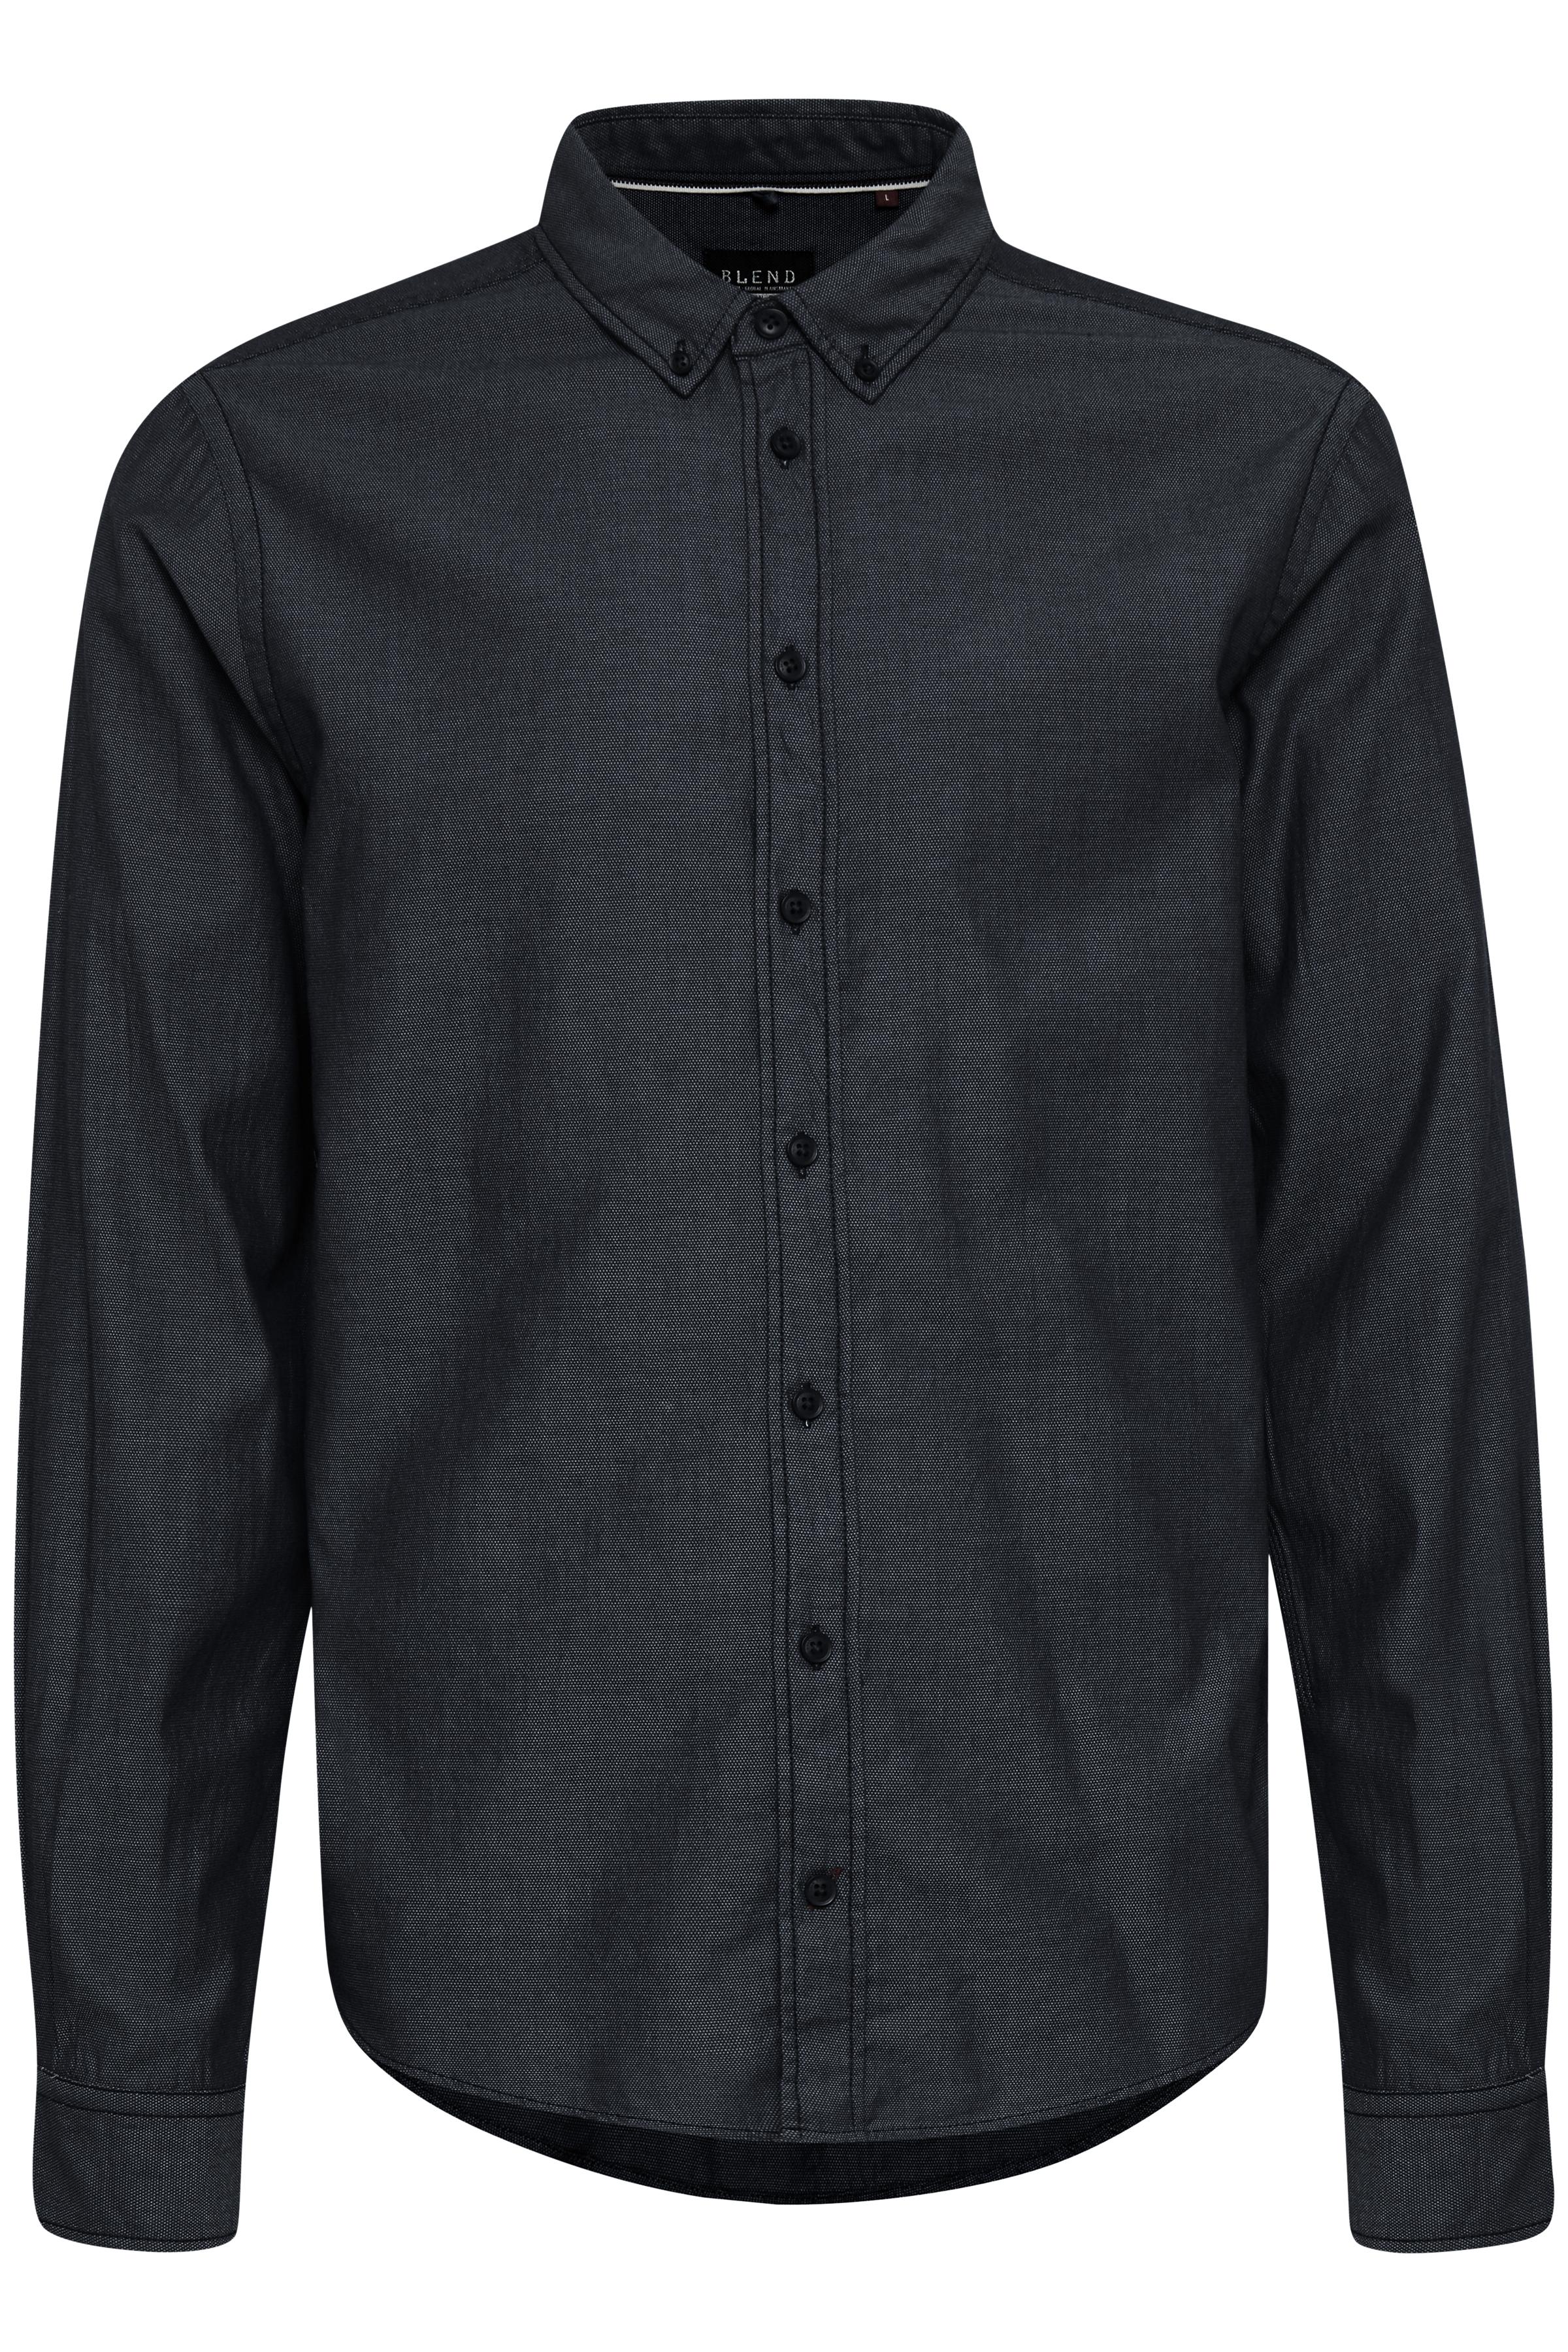 Image of   Blend He Herre Langærmet skjorte - Sort